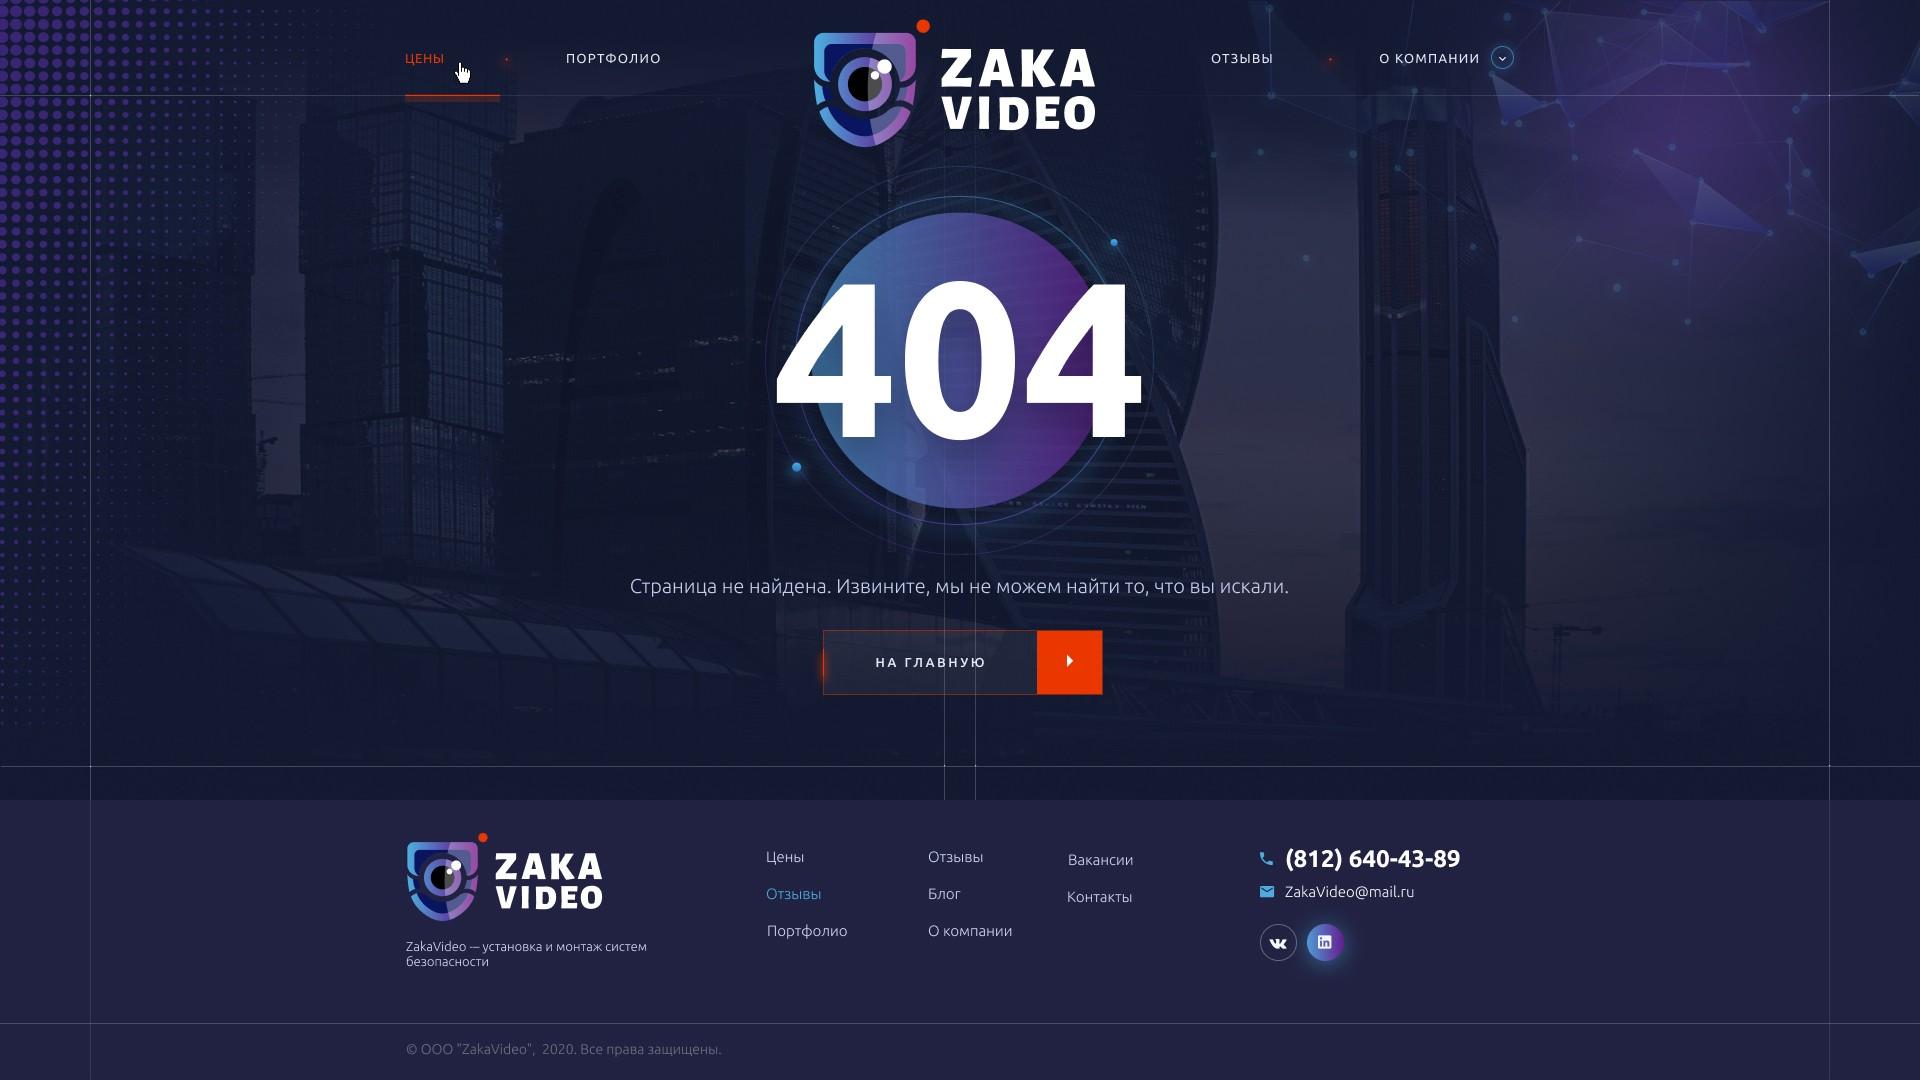 14_ZakaVideoi_Page-404_0.1